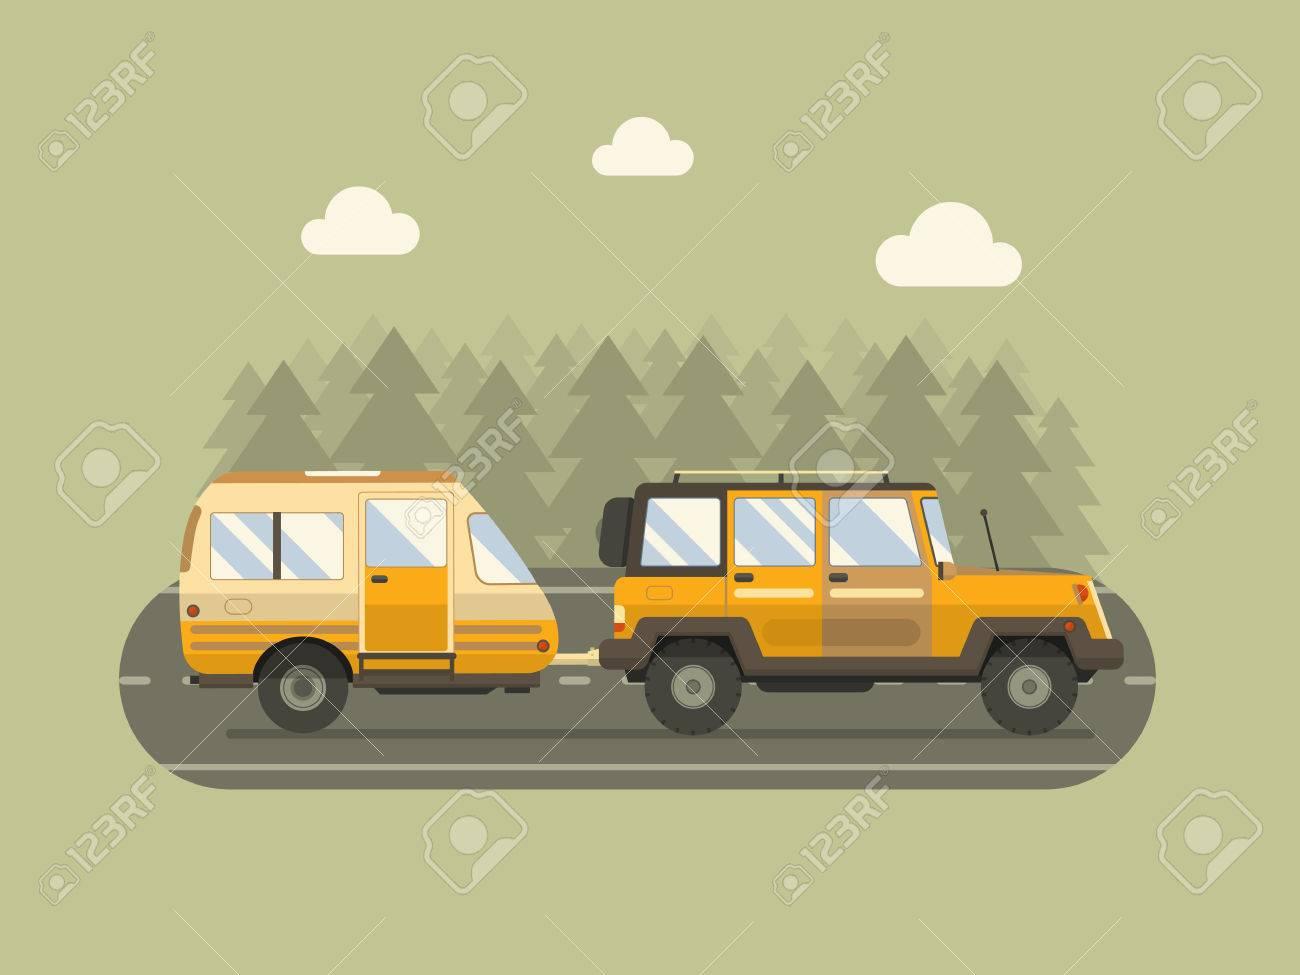 Straßenfahrt Anhänger und SUV-Fahren auf Waldgebiet Straße. Familien Reisenden LKW Sommerreise-Konzept. RV Reise Landschaftsplakat. Camper auf Reise. Standard-Bild - 53508717